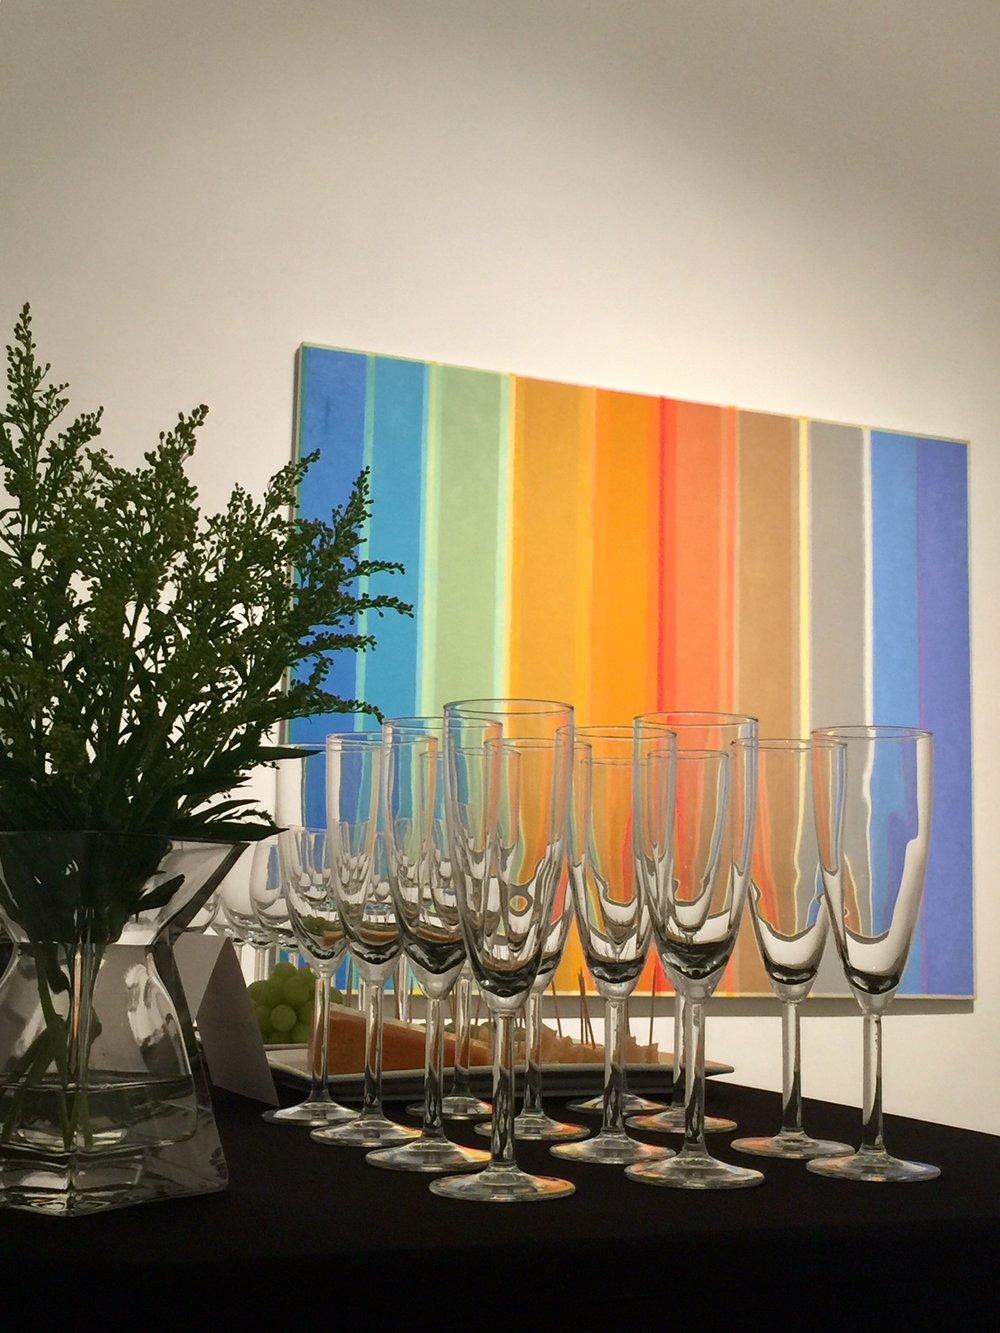 Art & Wine -- Anya Tish Gallery